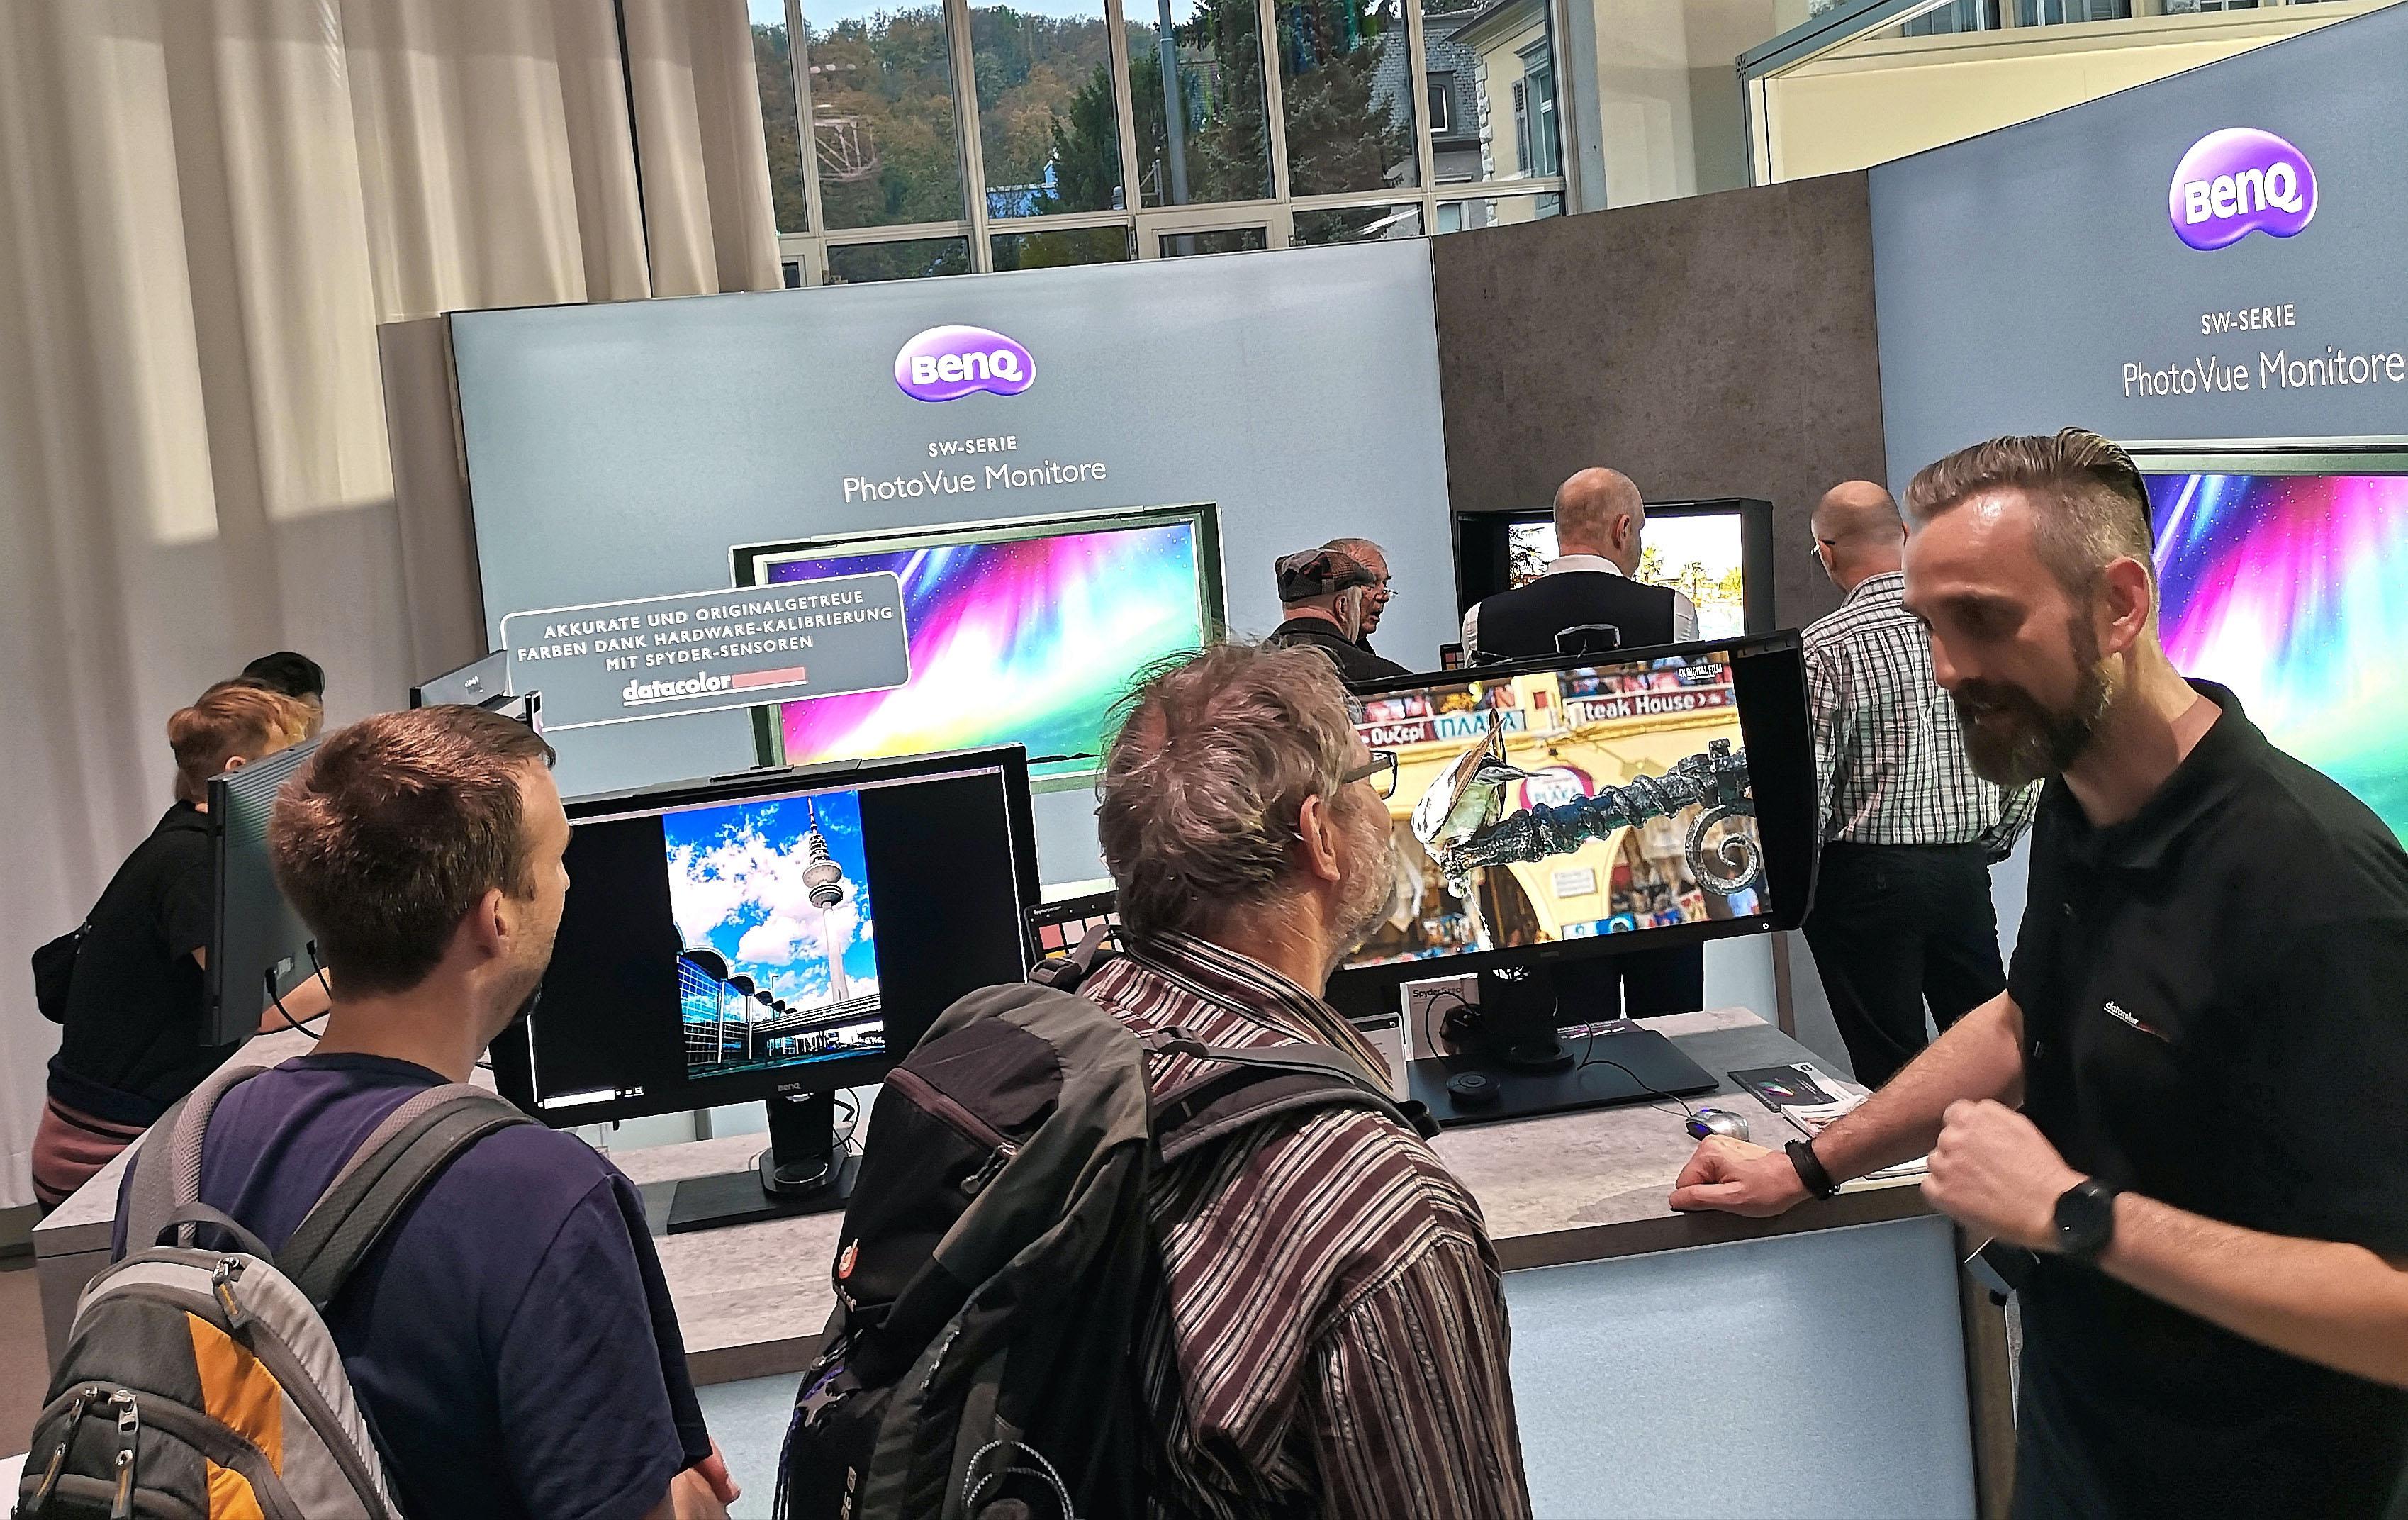 Foto: Michael B. Rehders - Auf dem BenQ-Stand konnten die Besucher selbständig einen Monitor kalibrieren. Darüber hinaus standen die freundlichen Mitarbeiter mit Rat und Tat zur Verfügung. Es konnte die komplette BenQ Photo-Vue-Serie in Augenschein genommen und die Spyder-Sensoren von Datacolor ausprobiert werden.